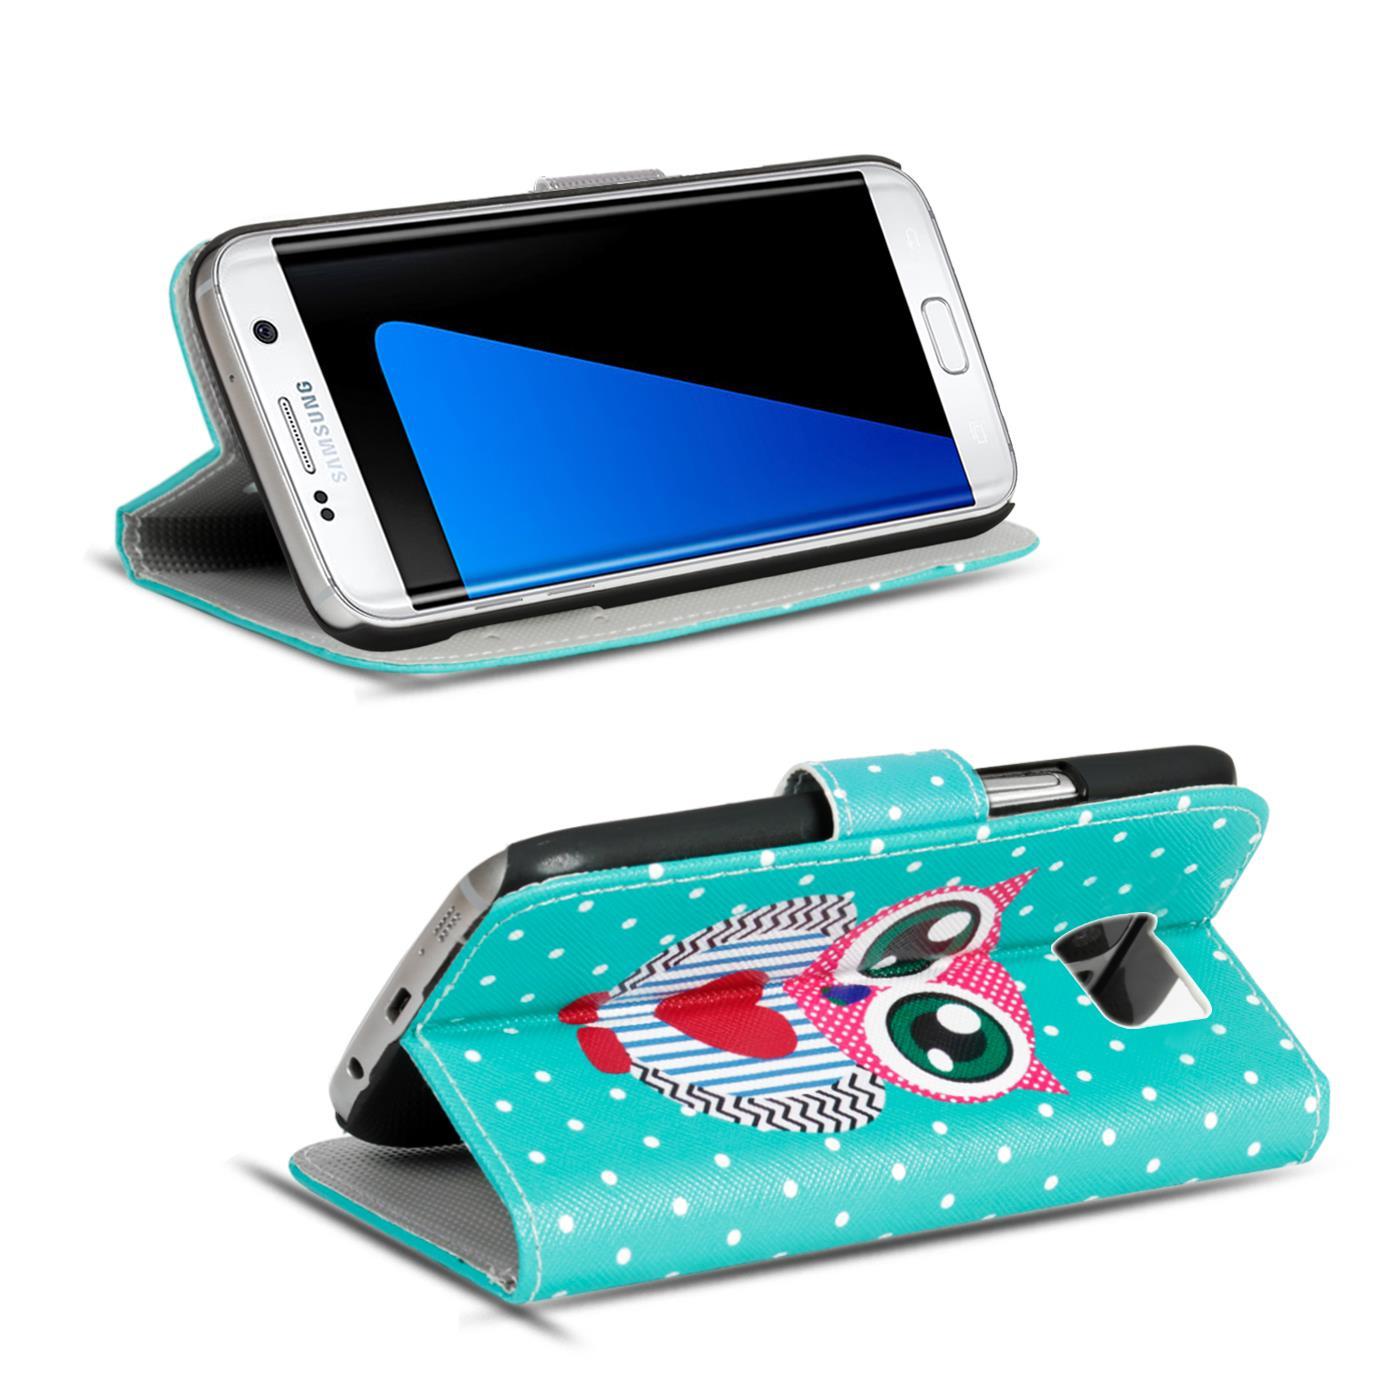 Schutz-Huelle-fuer-Samsung-Galaxy-Handy-Tasche-Flip-Cover-Wallet-Etui-Case-Schale Indexbild 45